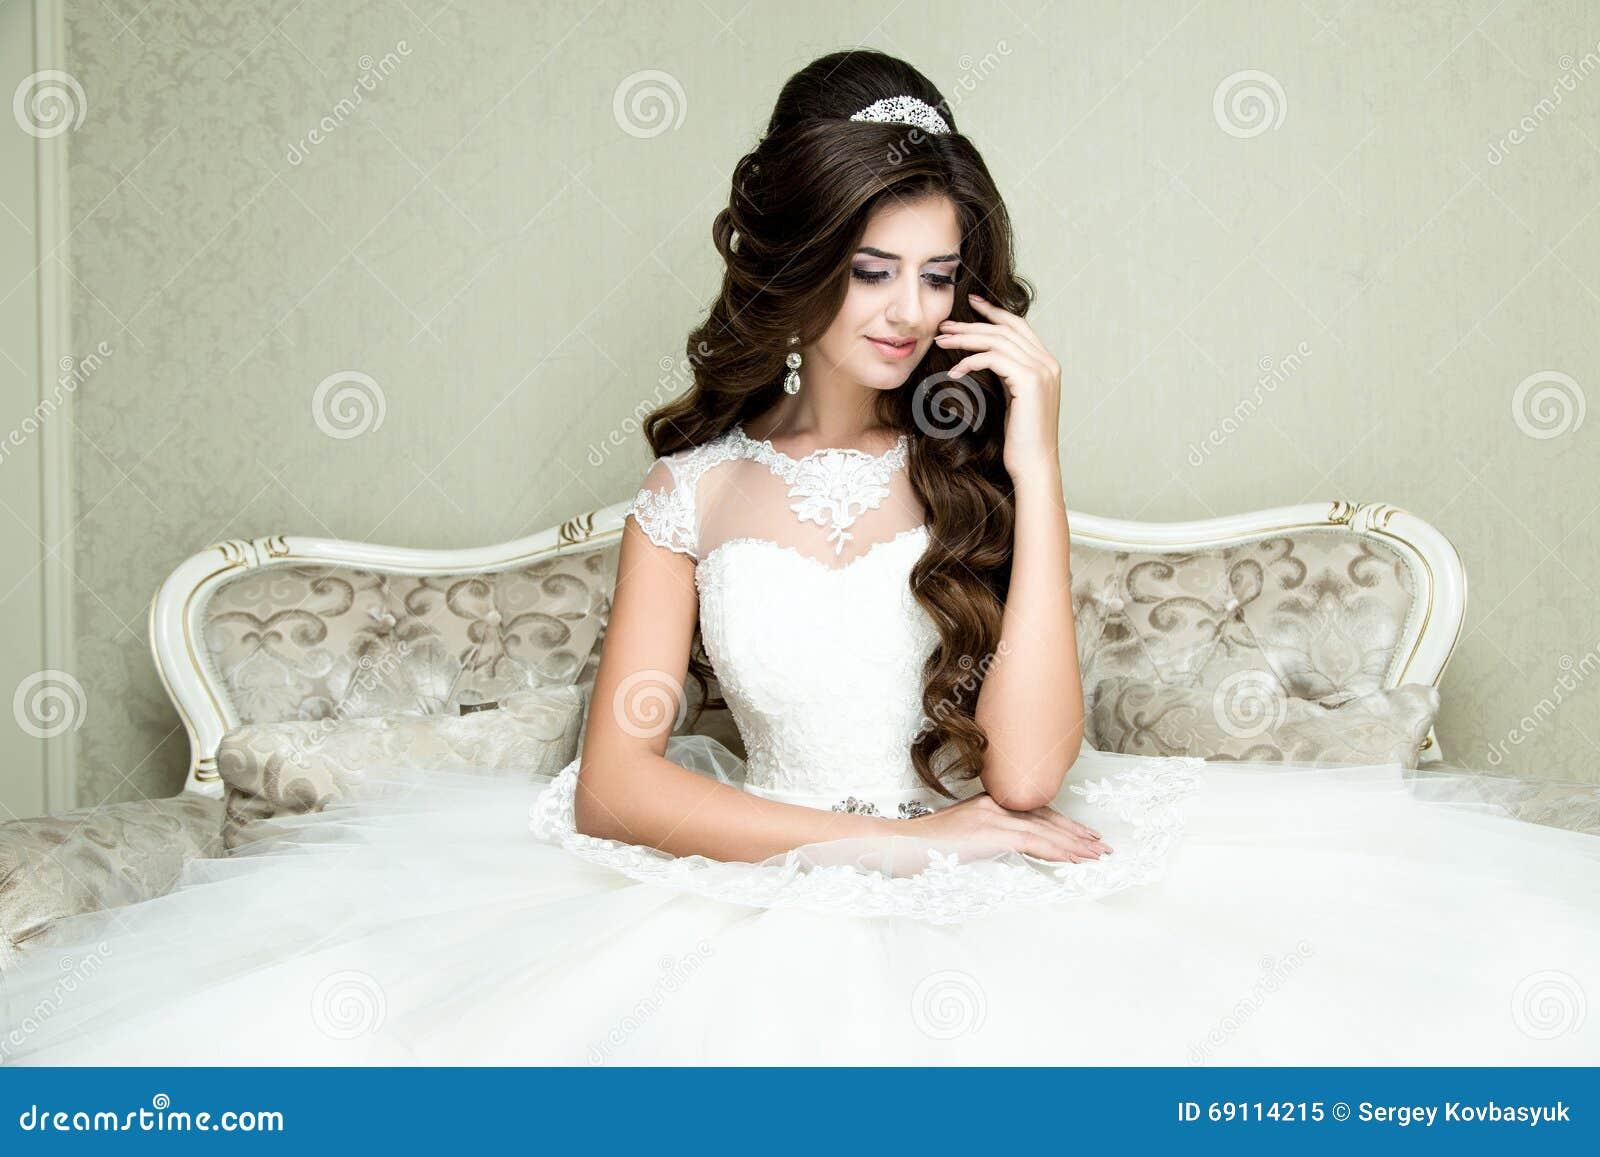 La Novia Elegante Morena Hermosa Con Maquillaje De La Boda Y El - Peinados-de-novia-elegantes